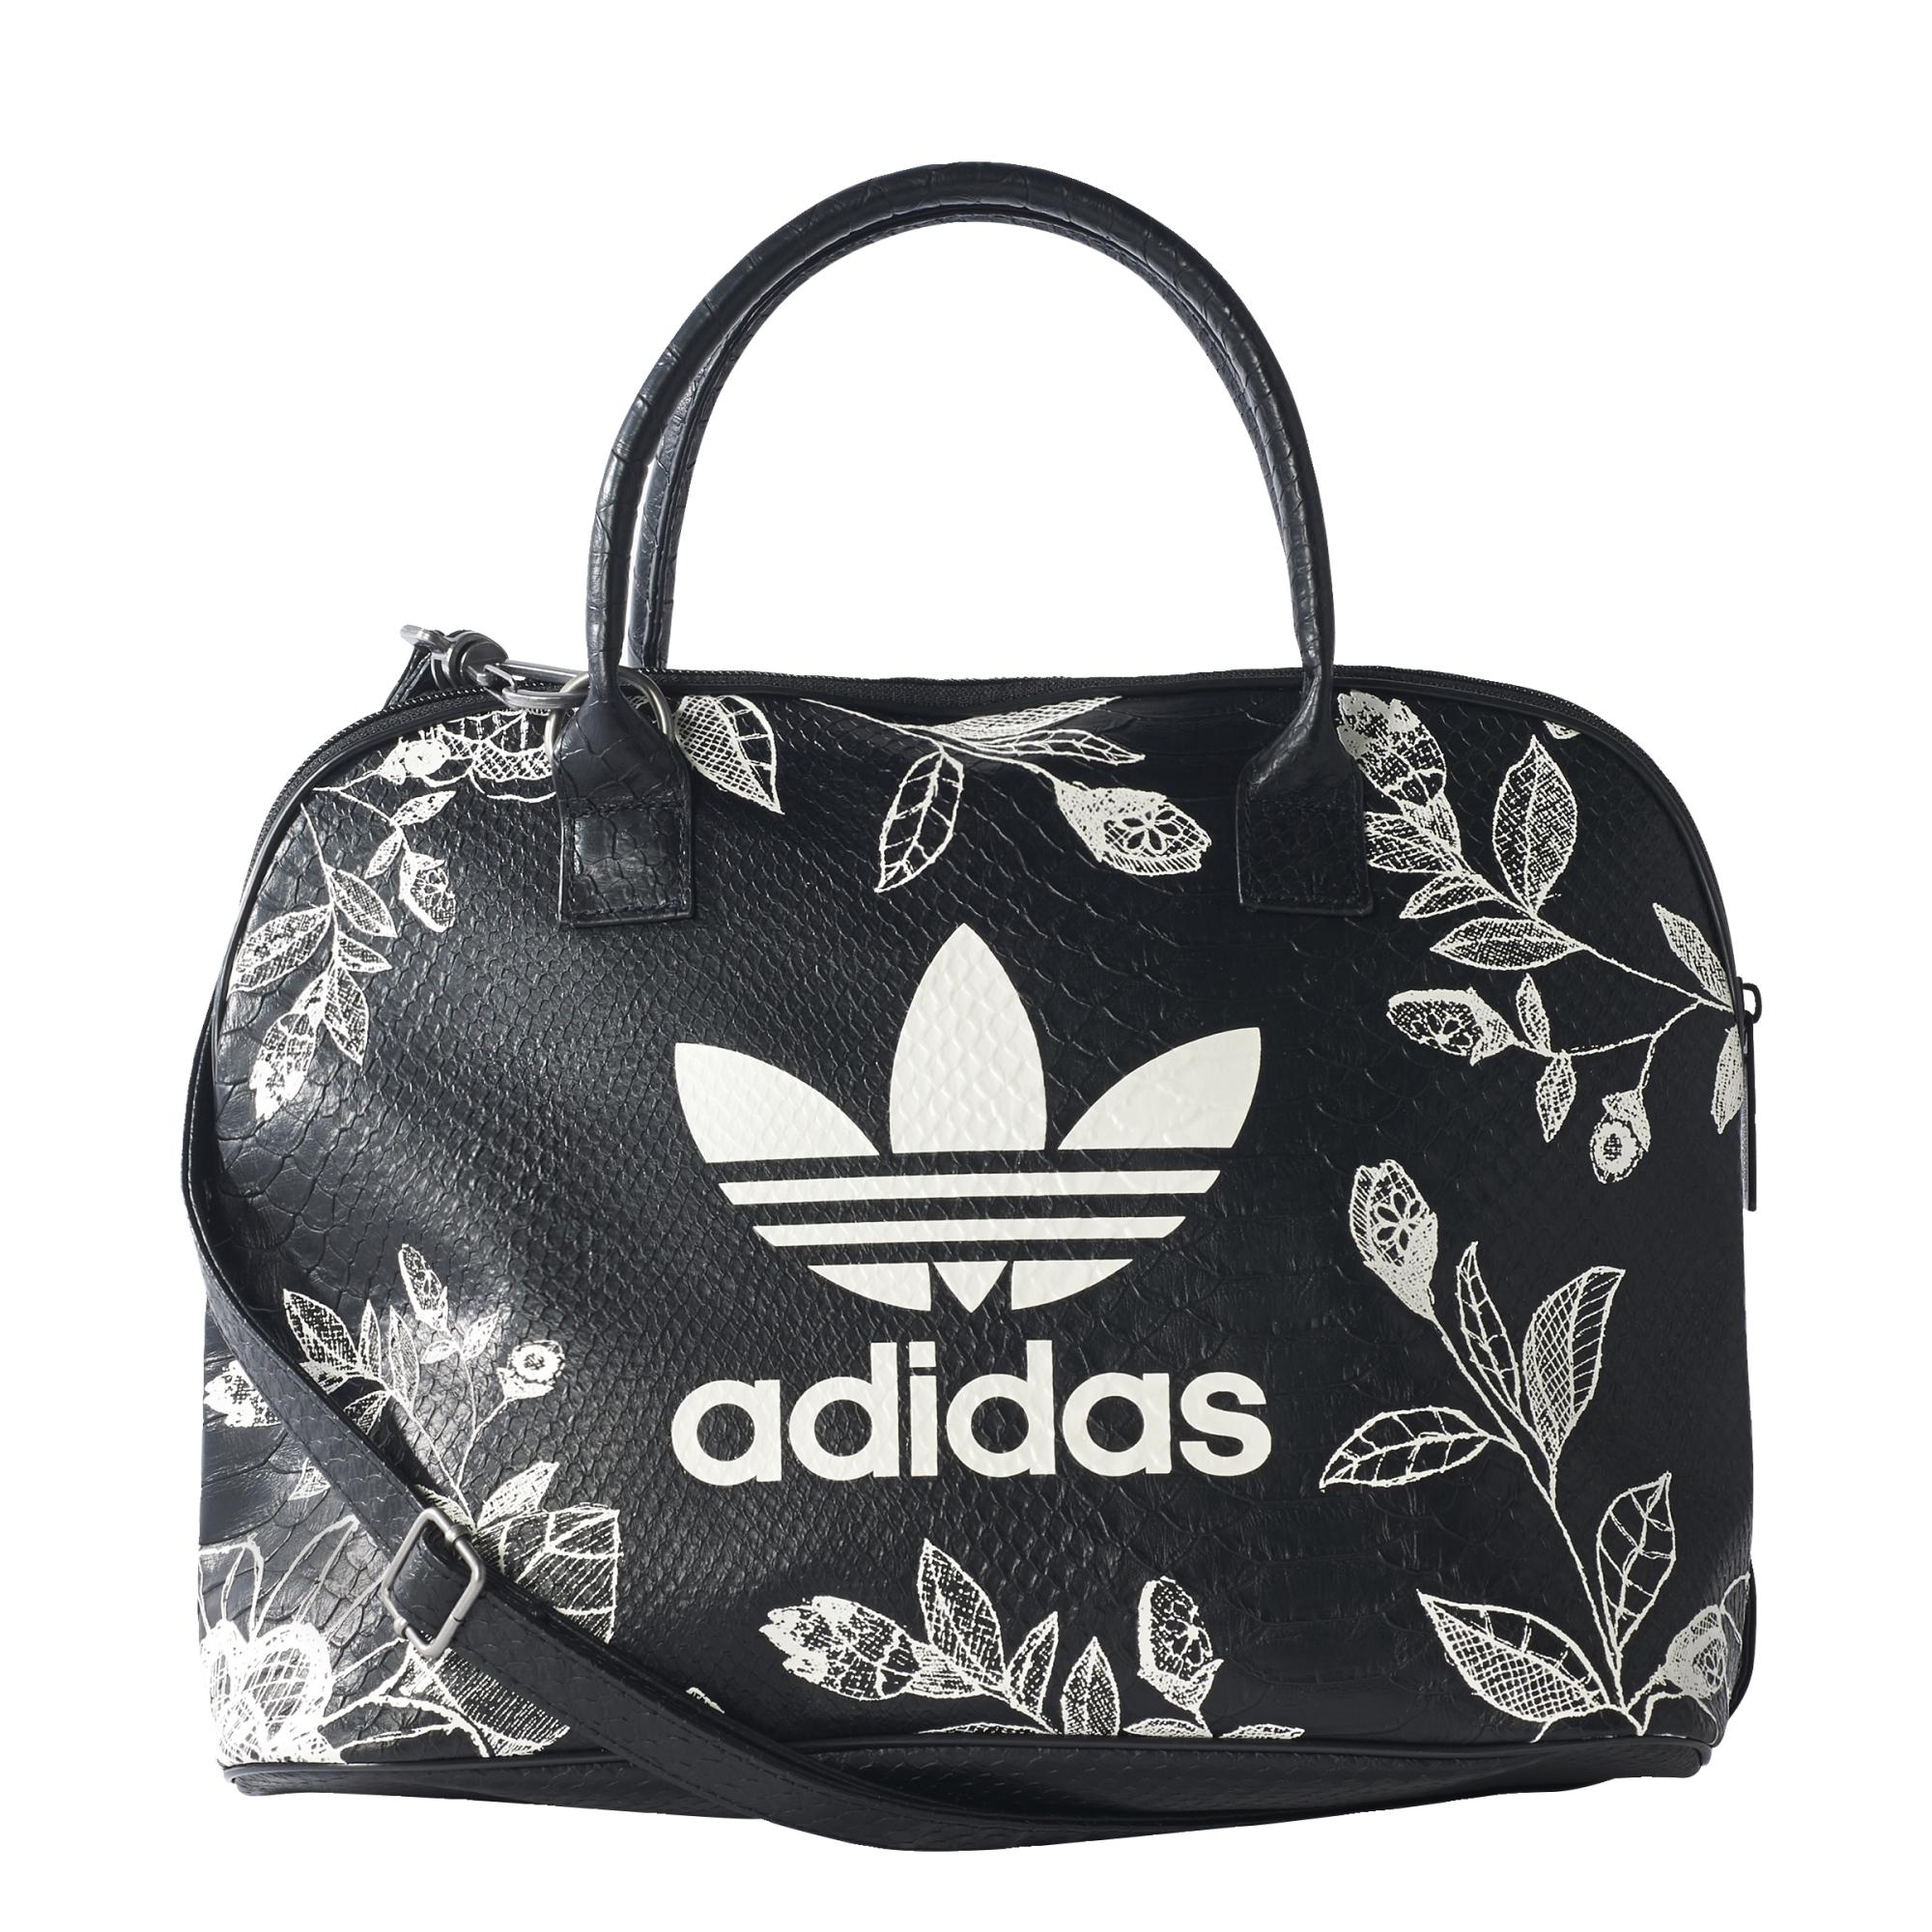 dc31913a6934 Adidas Originals Giza Bowling Bag (black white). Oferta 15%